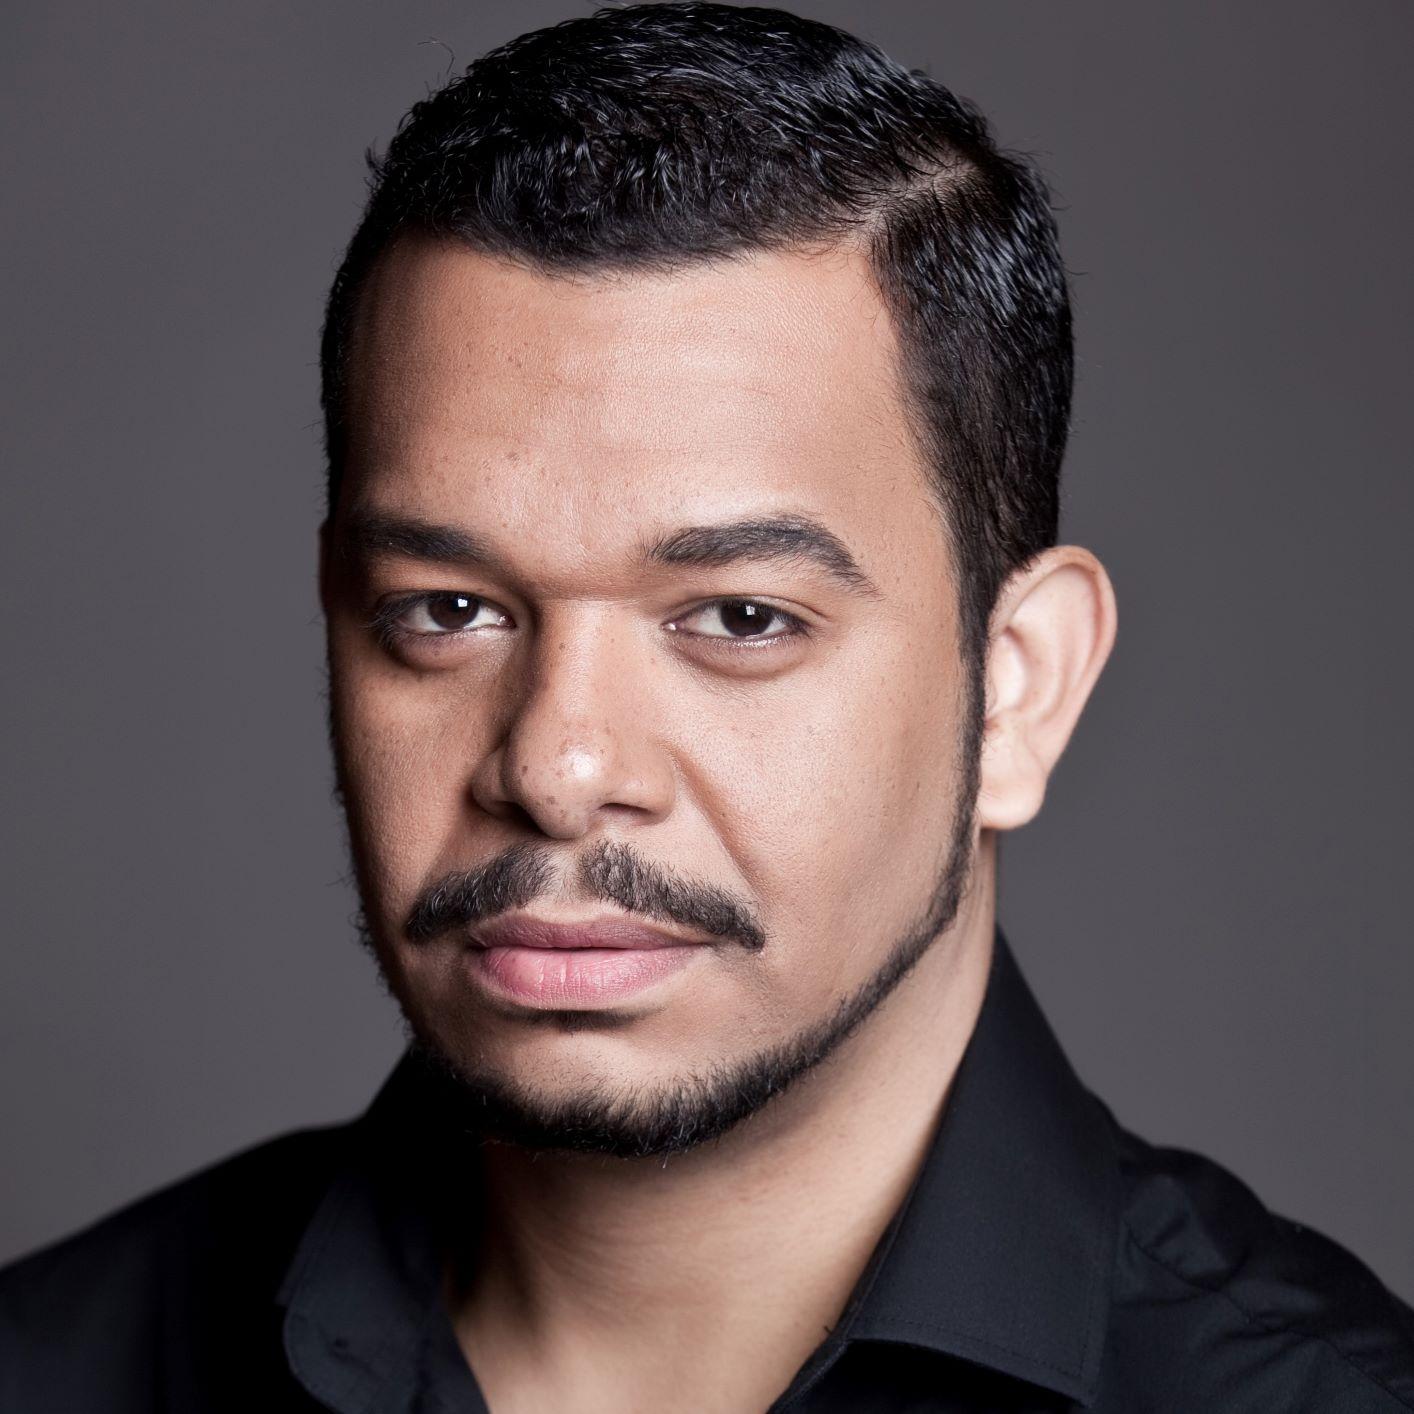 Carlos David Santos